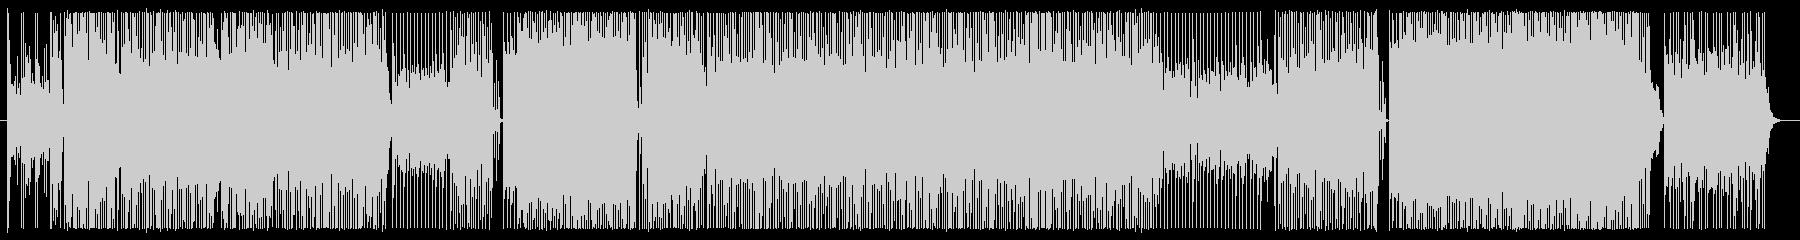 ミステリーを表現したEDMギターインストの未再生の波形